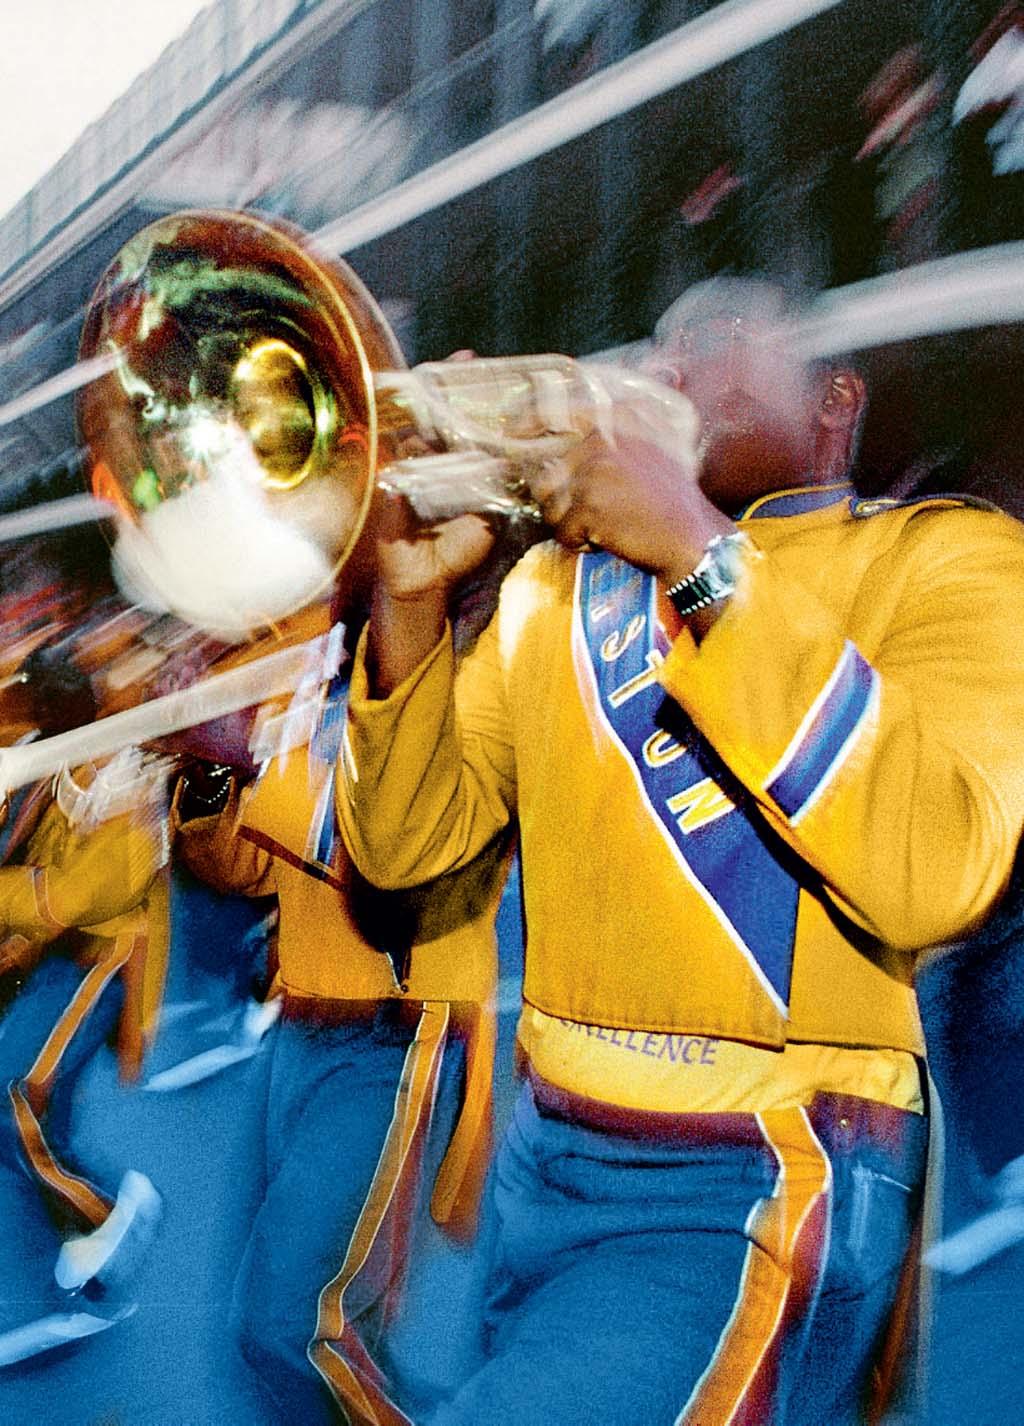 Jazz parade, em Nova Orleans